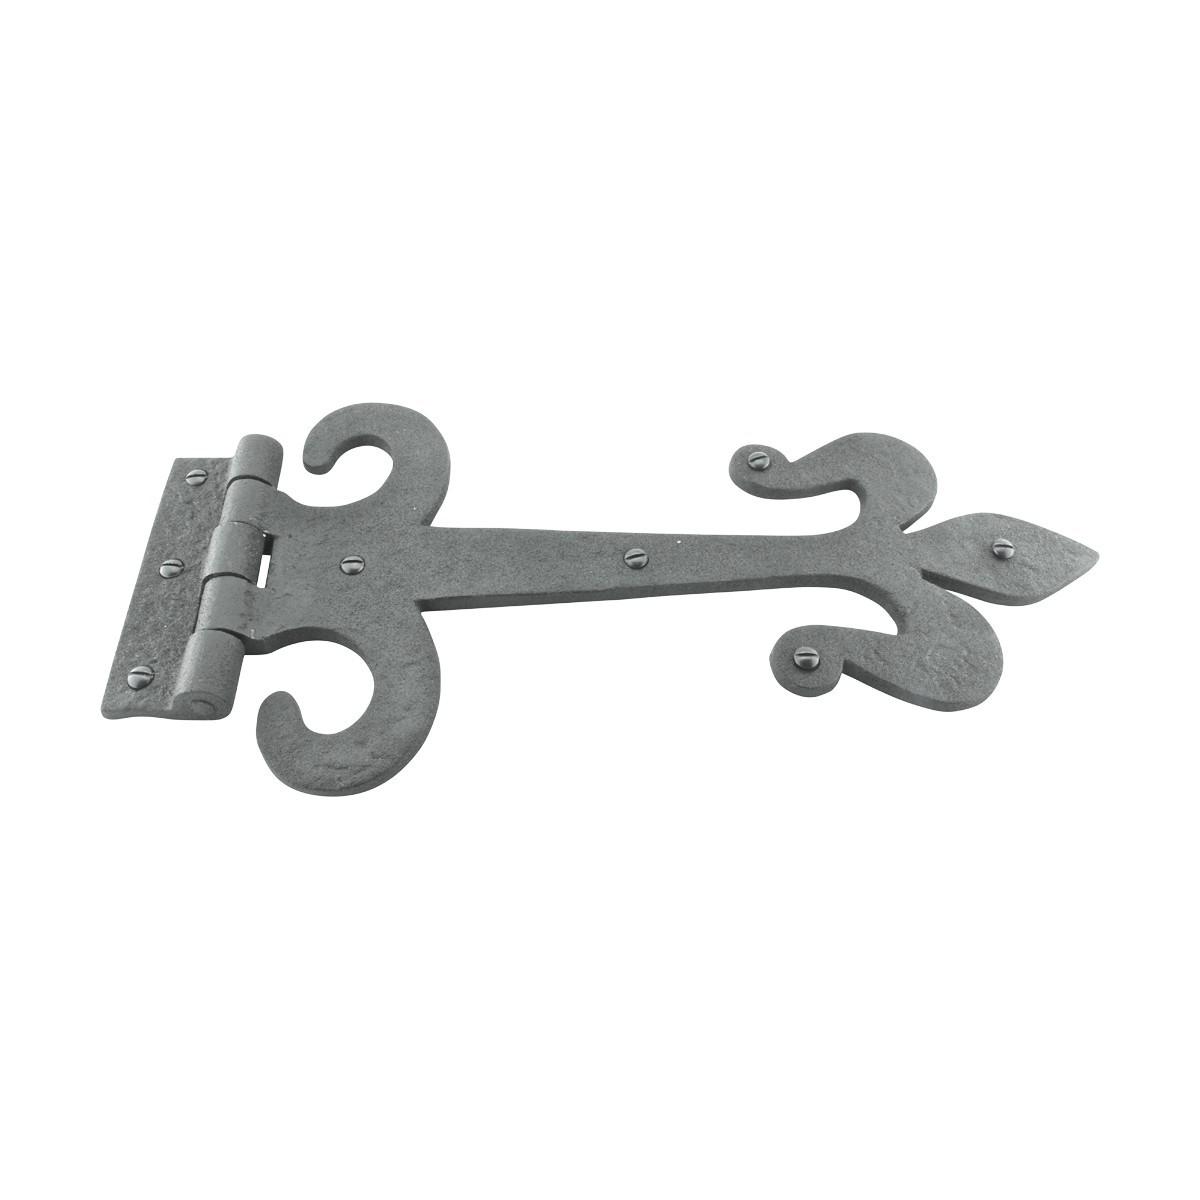 Decorative Strap Hinge Wrought Iron Fleur De Lis 12 Long Set of 2 Door Hinges Door Hinge